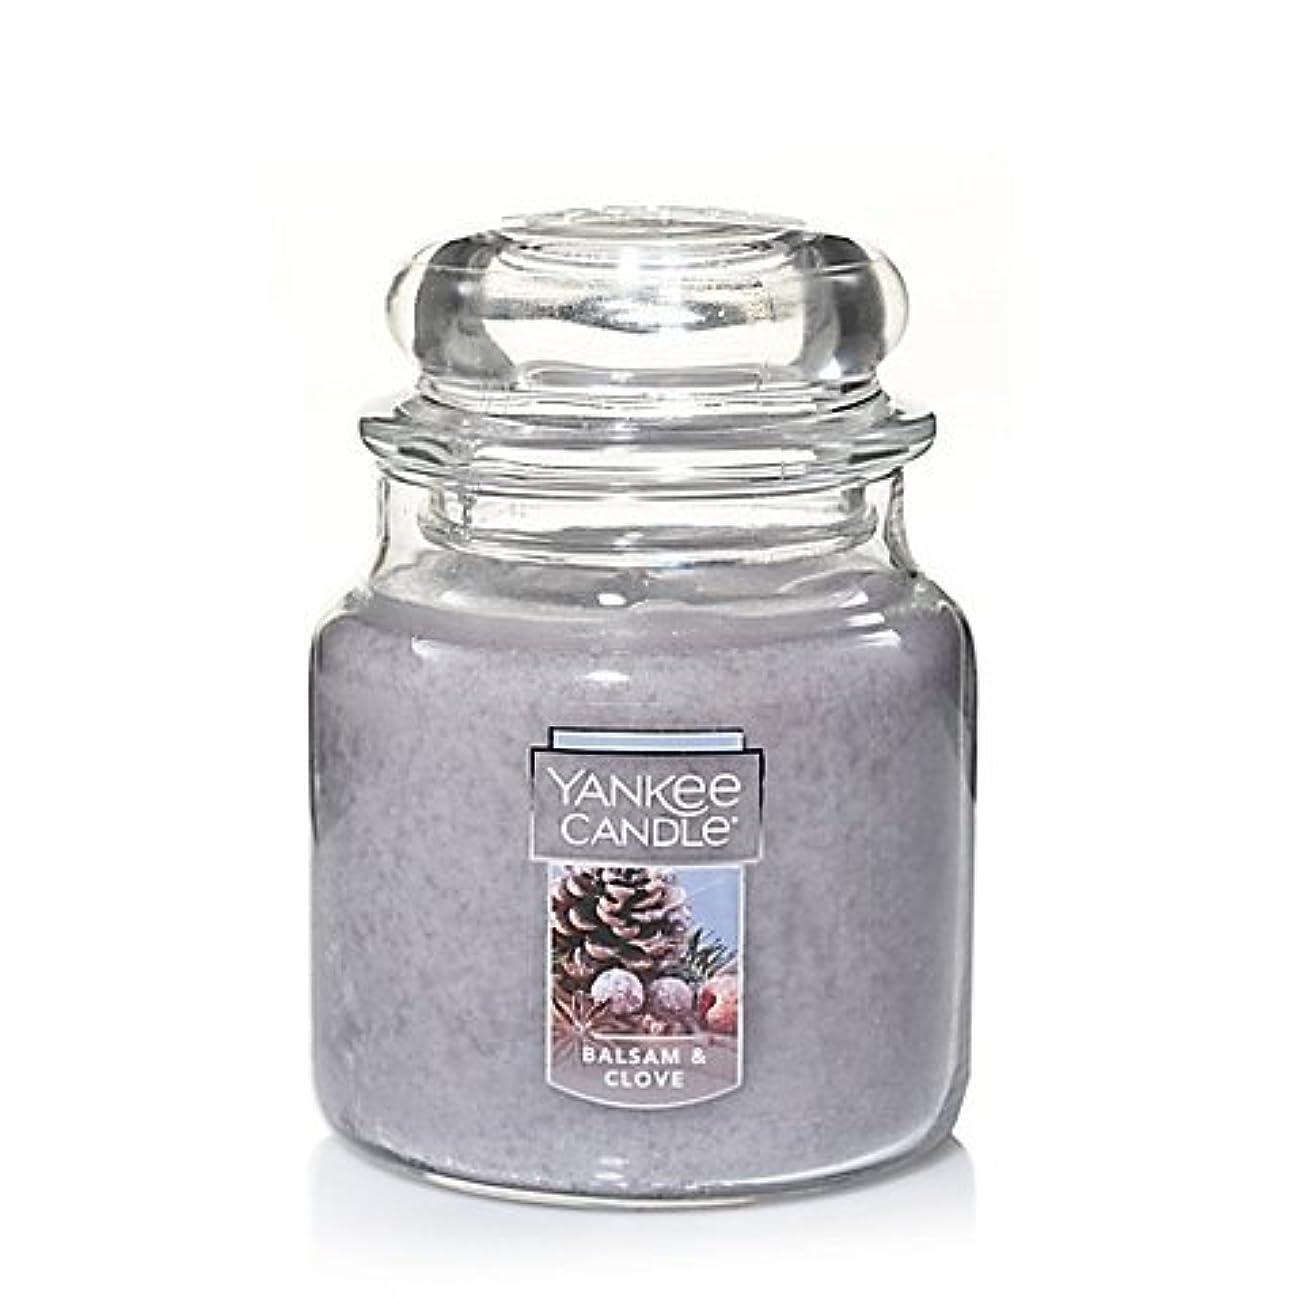 大きなスケールで見ると状態助言Yankee Candle Balsam &クローブSmall Jar Candle